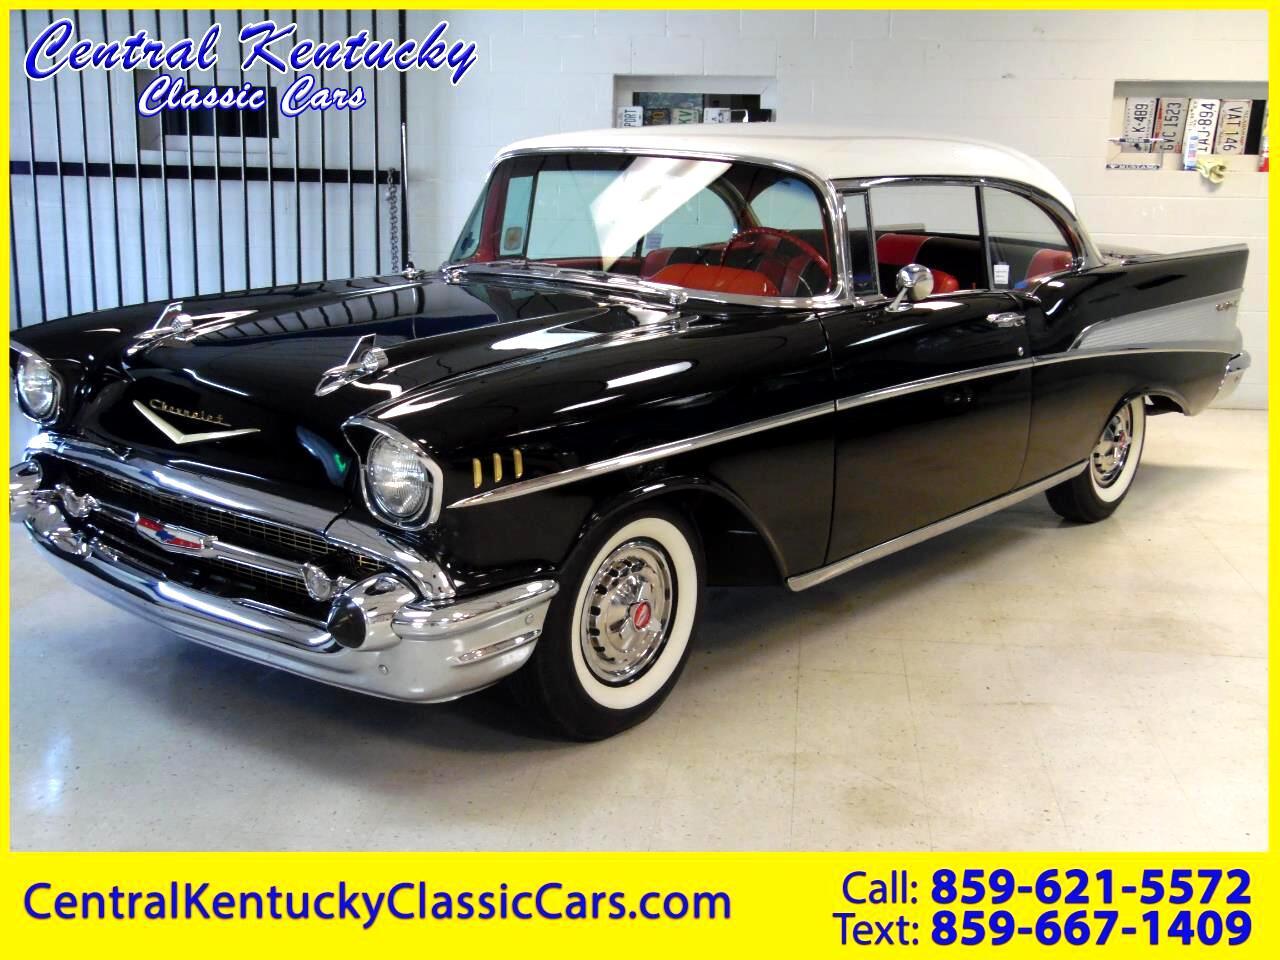 1957 Chevrolet BelAir Hard Top